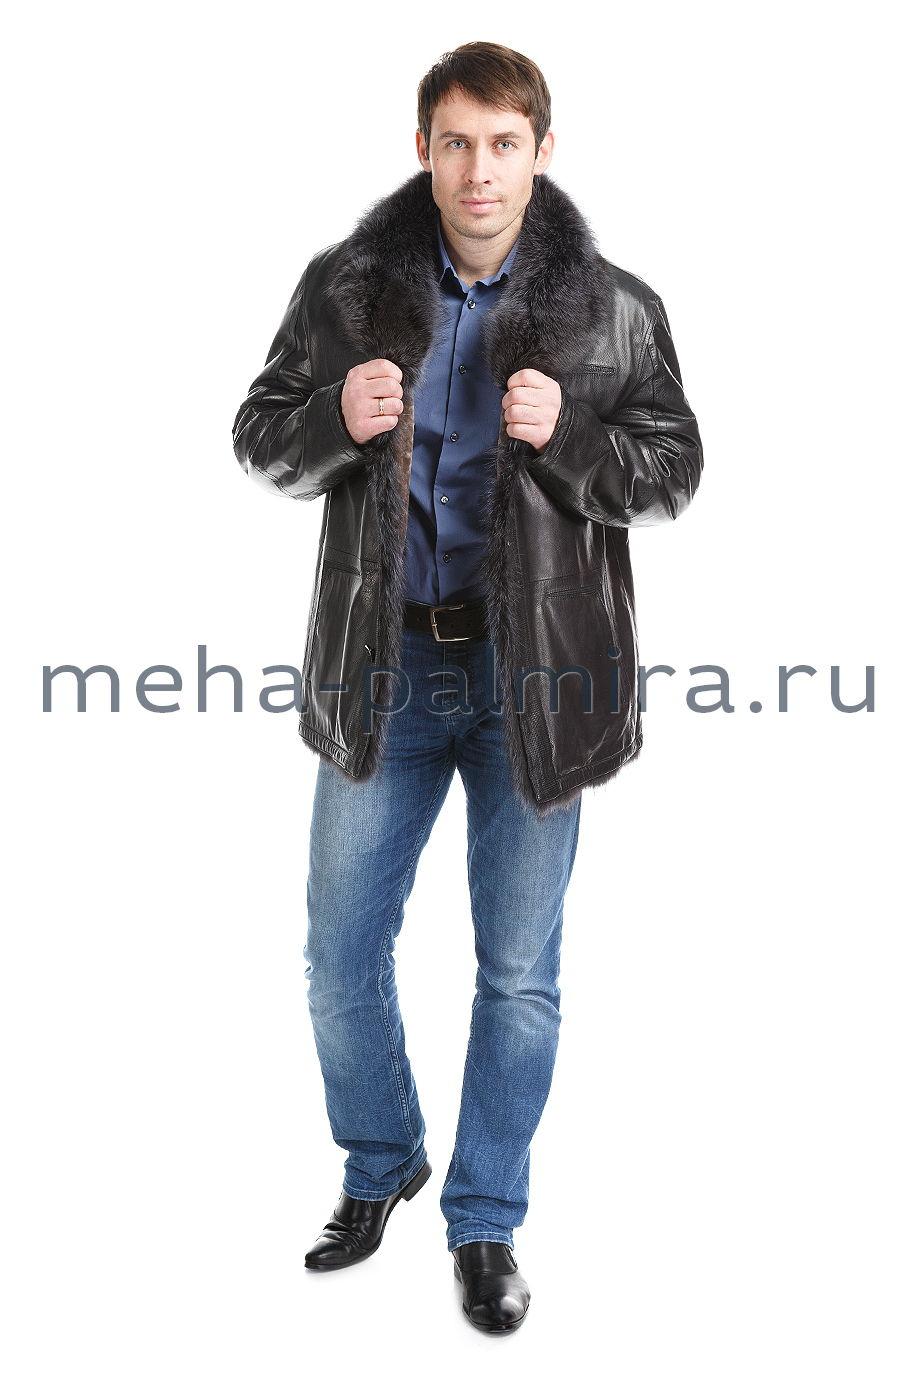 Мужская удлинённая дубленка с воротником из меха енота